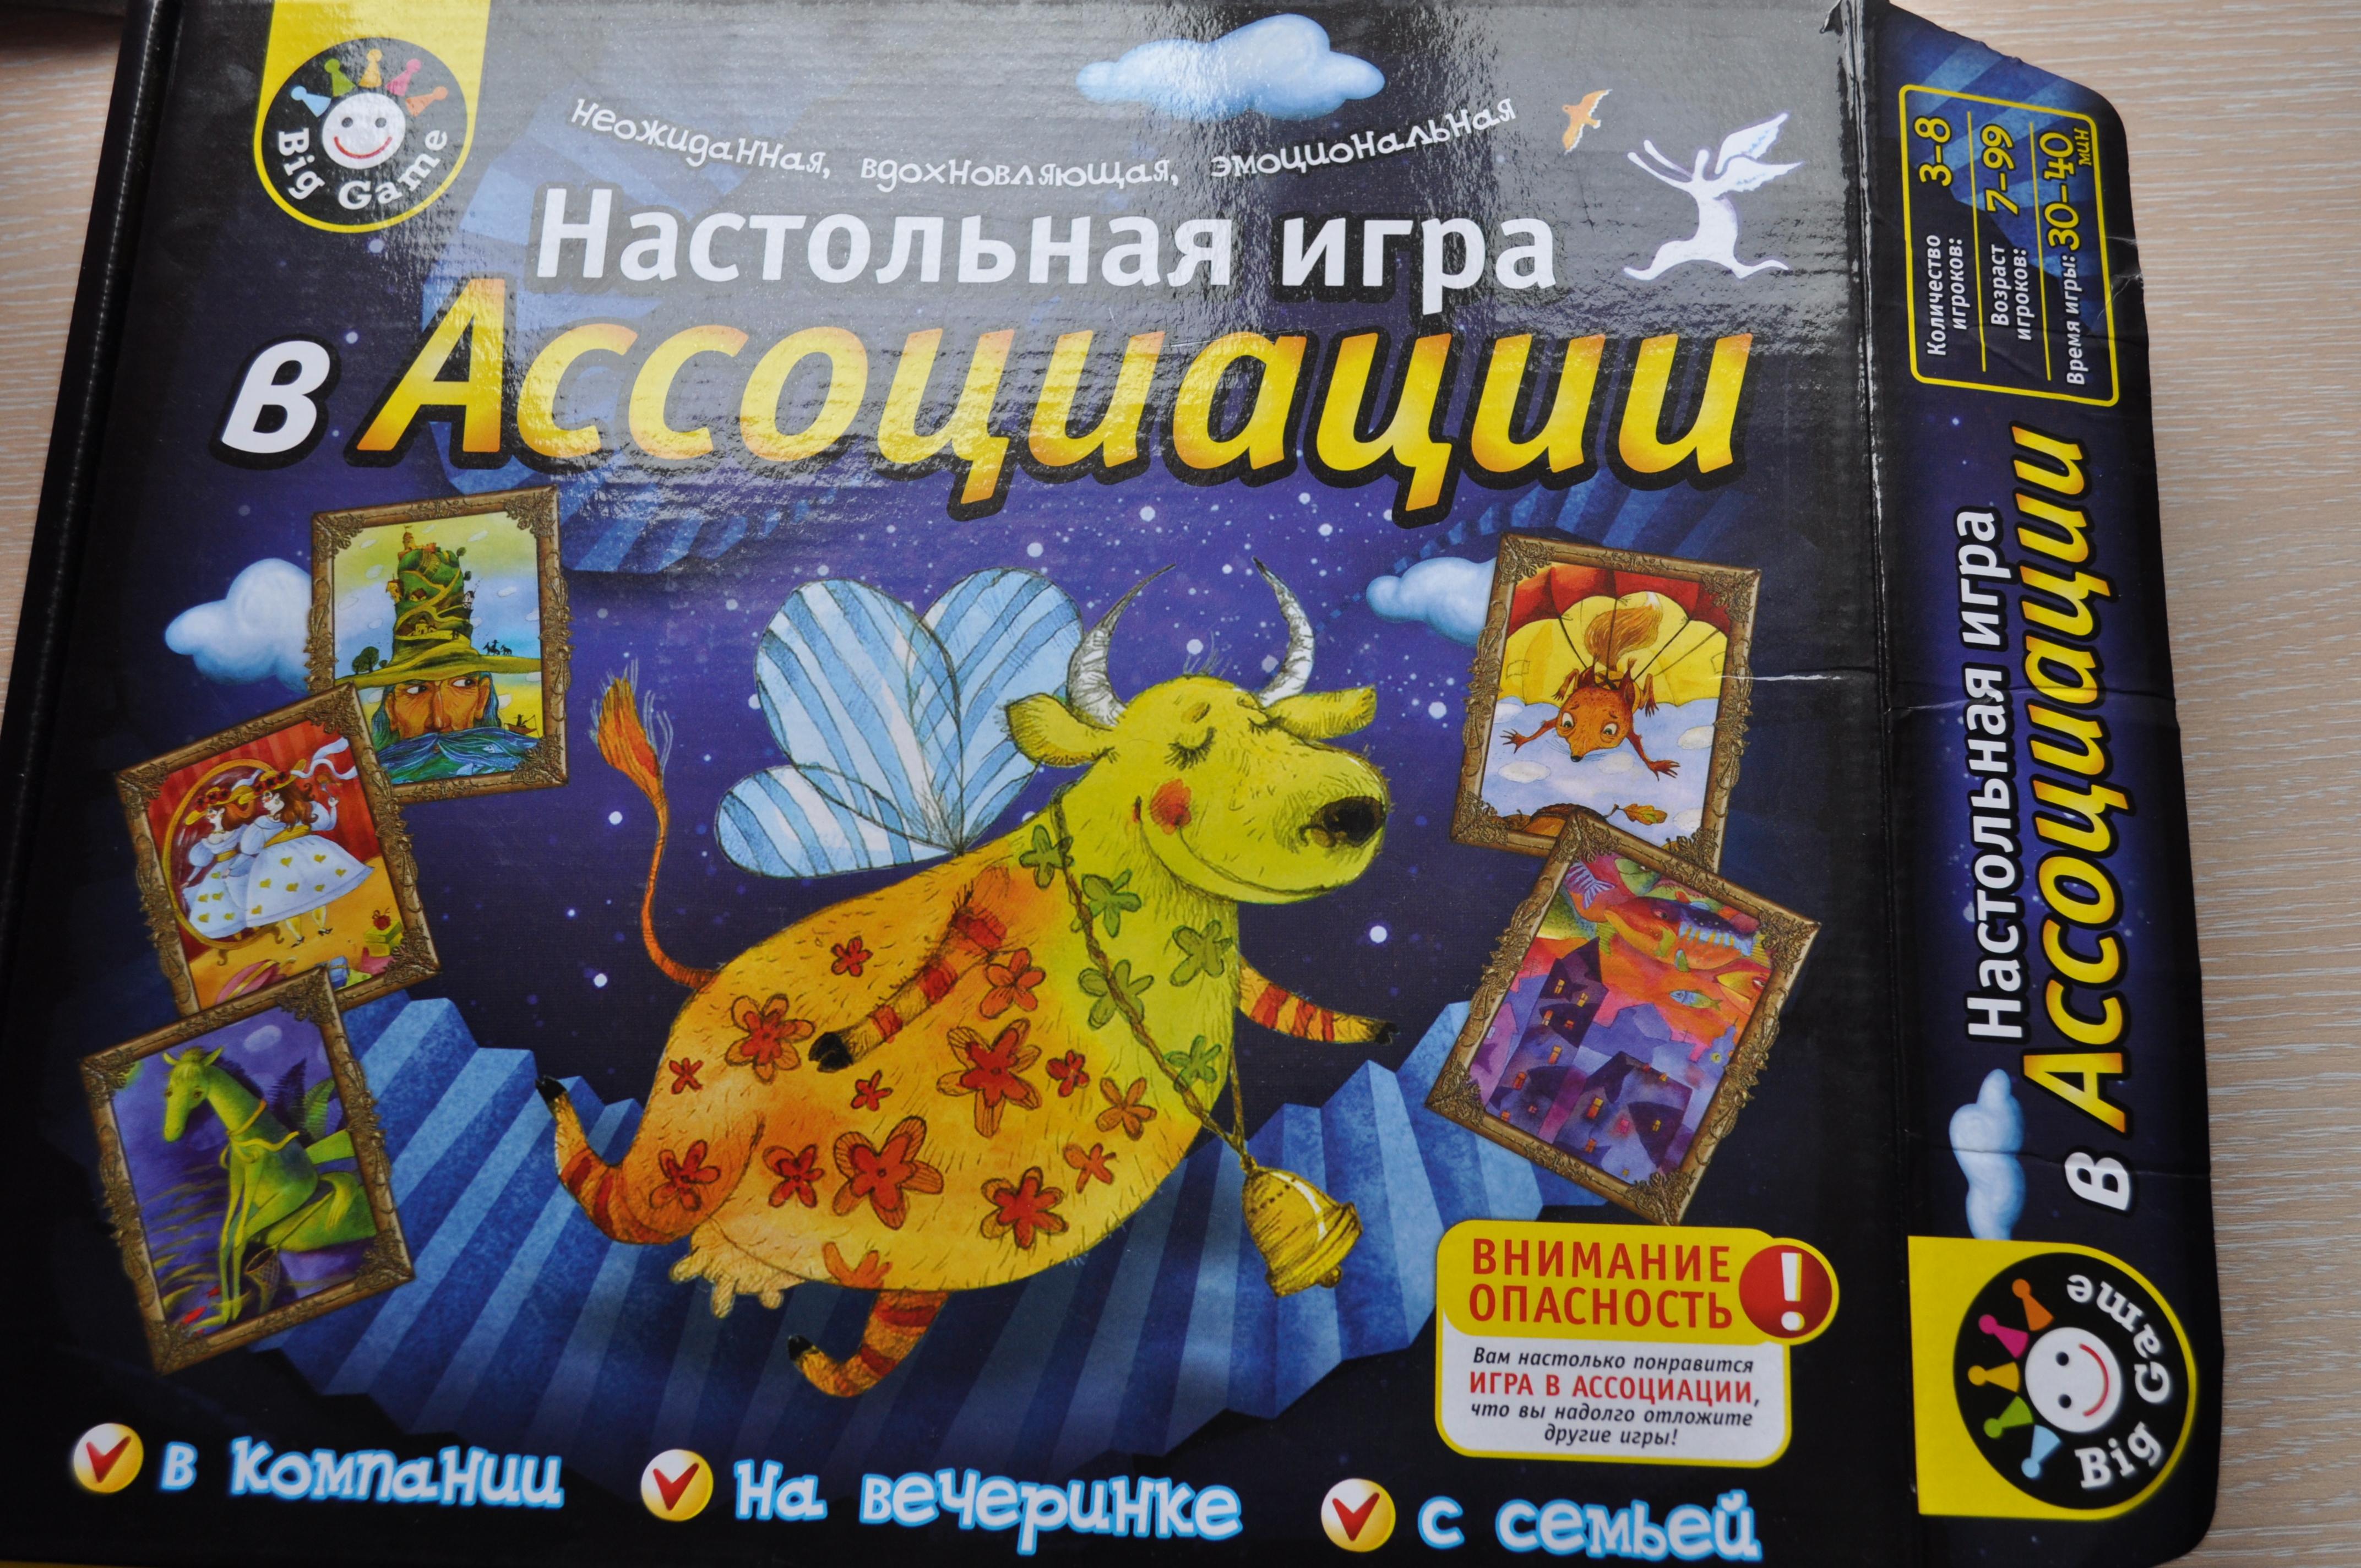 Екатеринбурженку возмутила детская игра с «сексом на пляже»